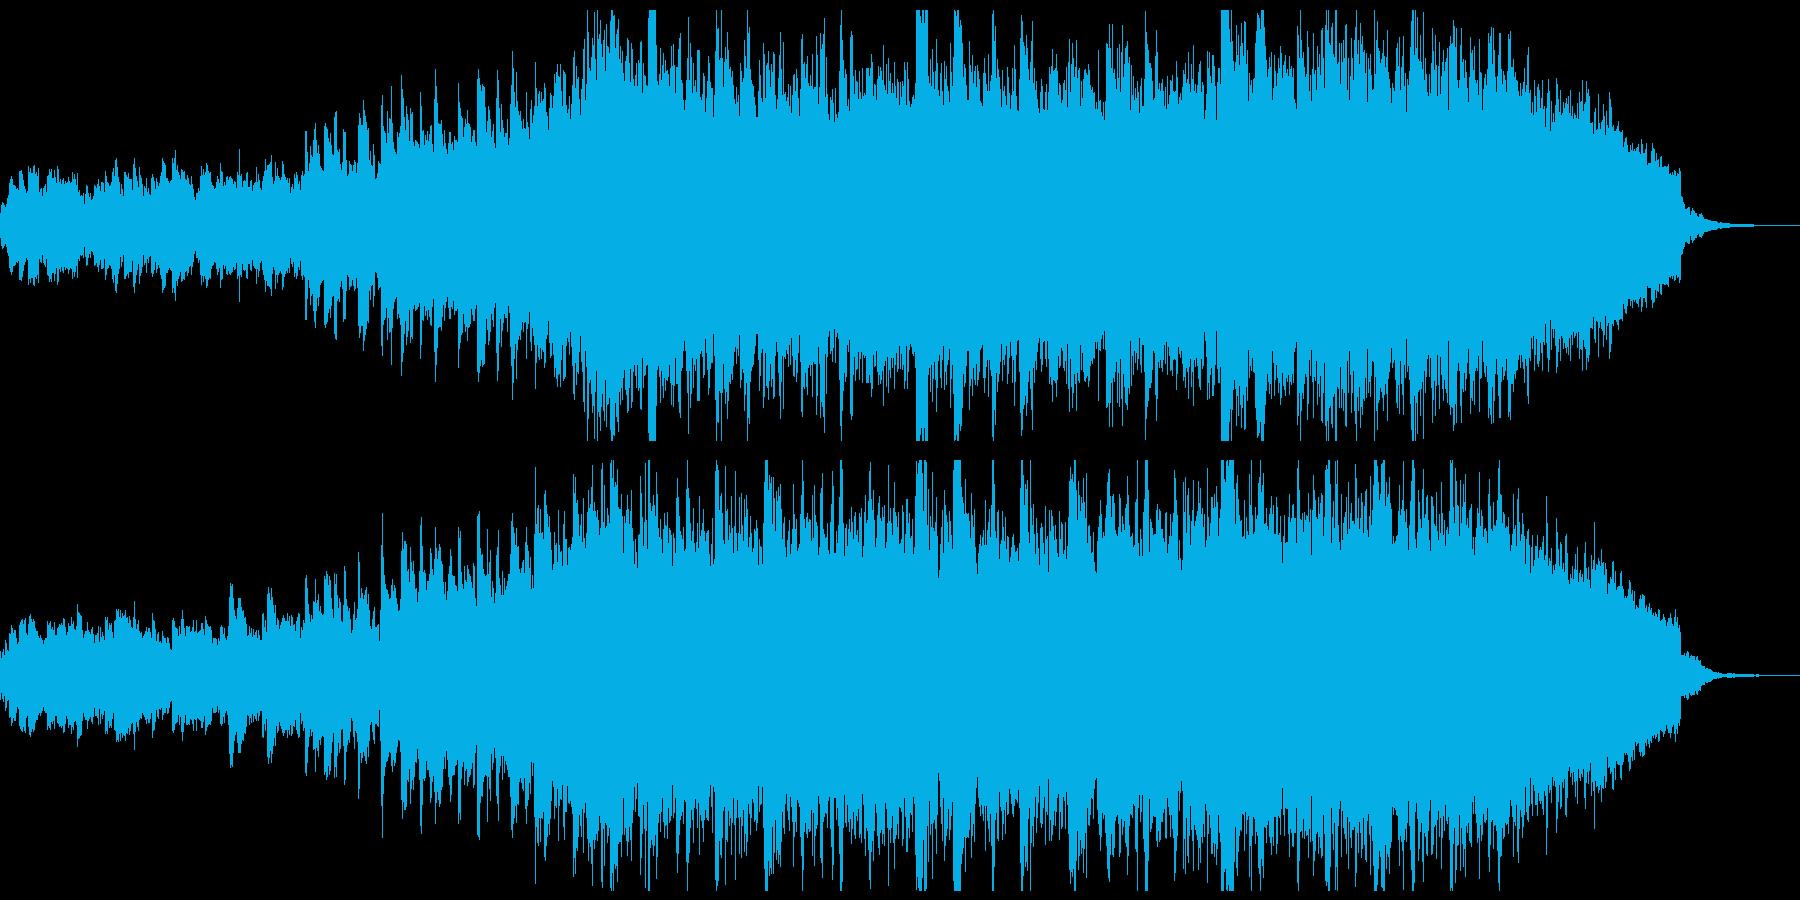 優しく透明感のある明るい曲、映像やCMにの再生済みの波形